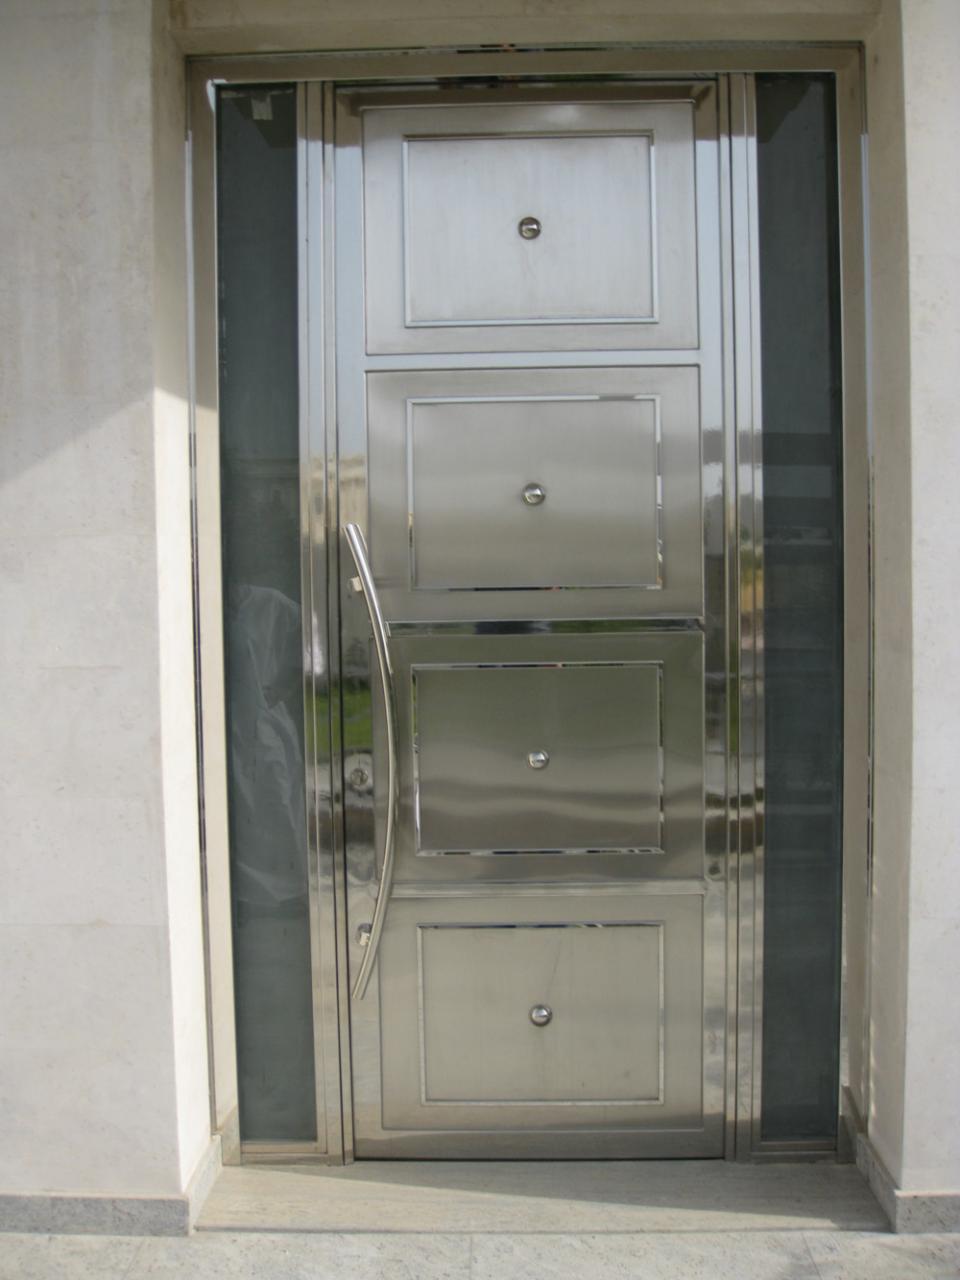 بالصور ابواب مطابخ المنيوم , لكل غرفة باب يميزها 5925 5